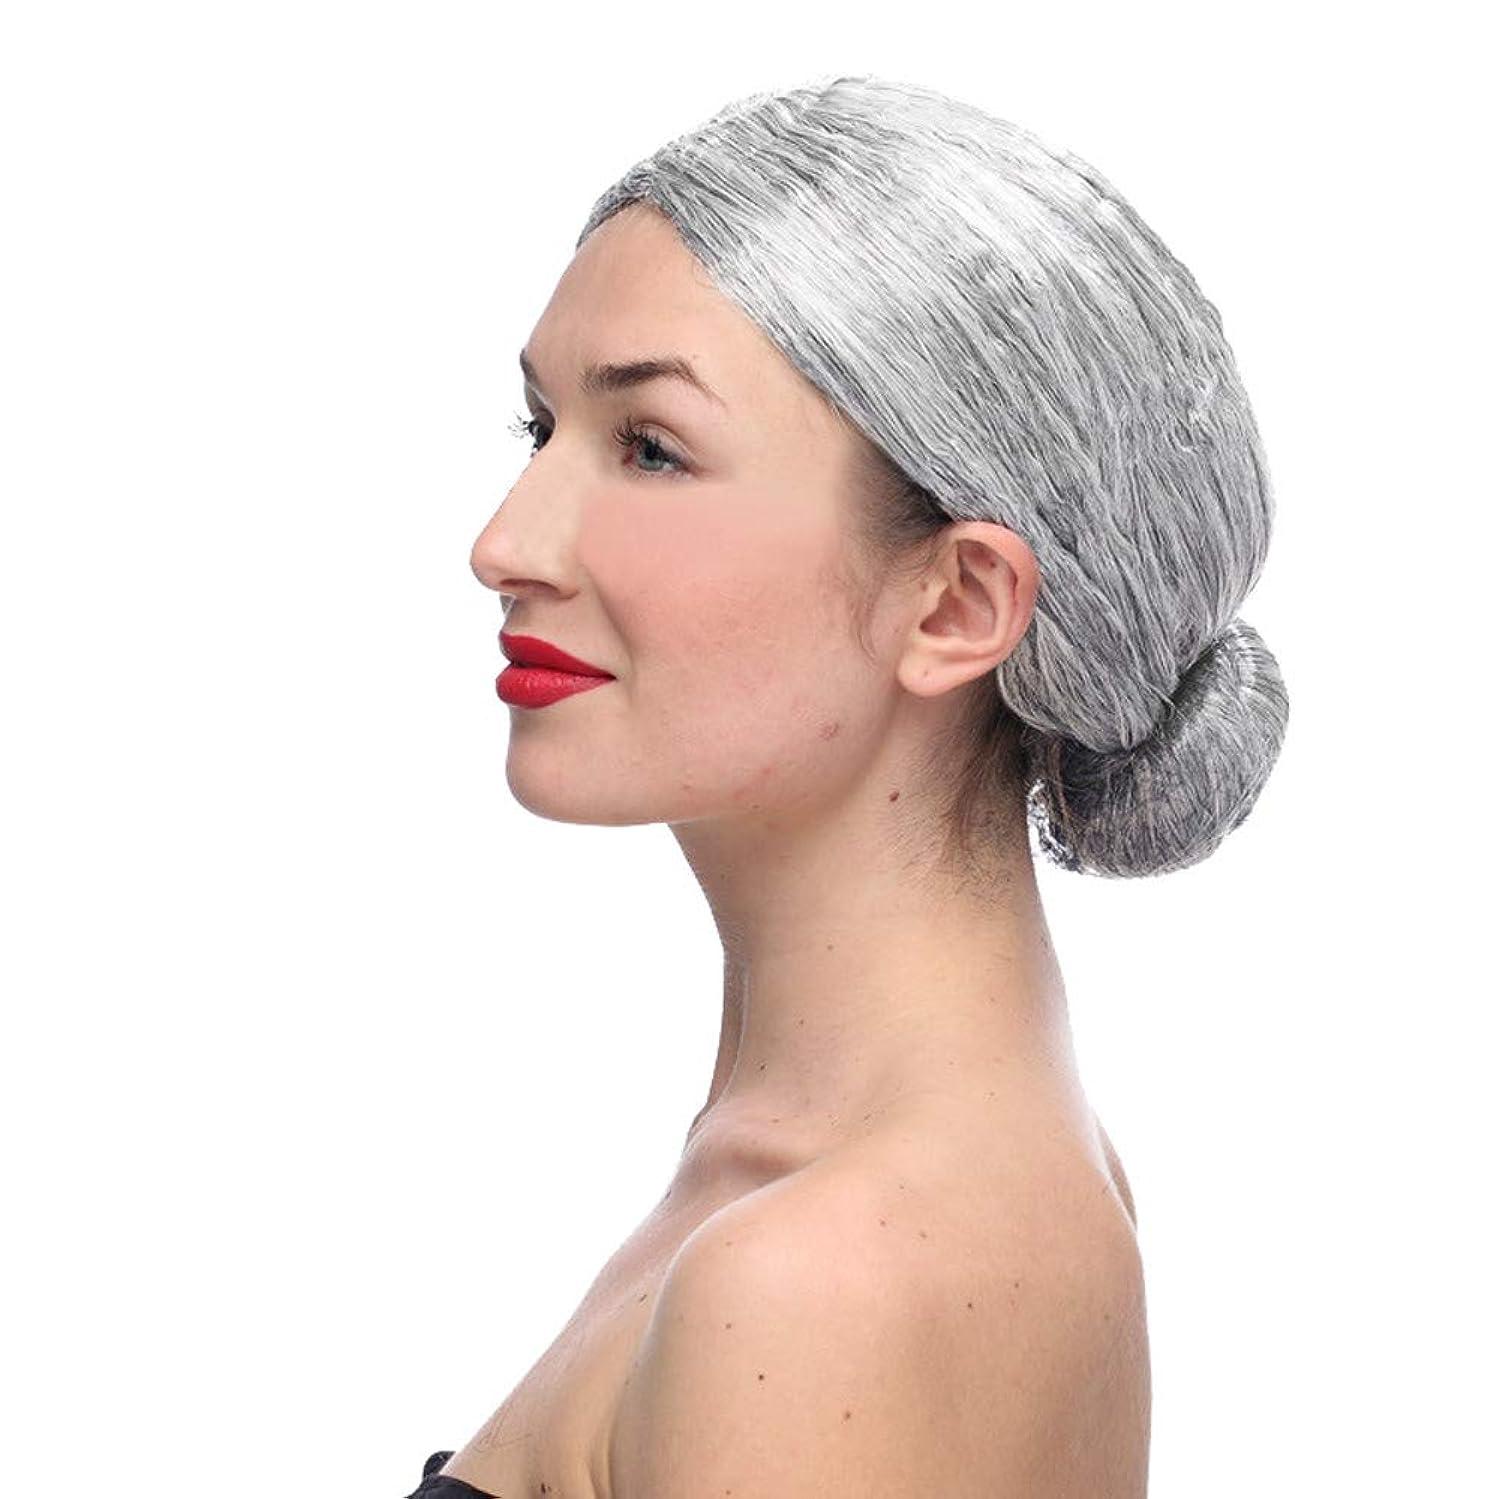 液化する会話ただかつらおばあちゃん灰色かつらCOS小道具かつら